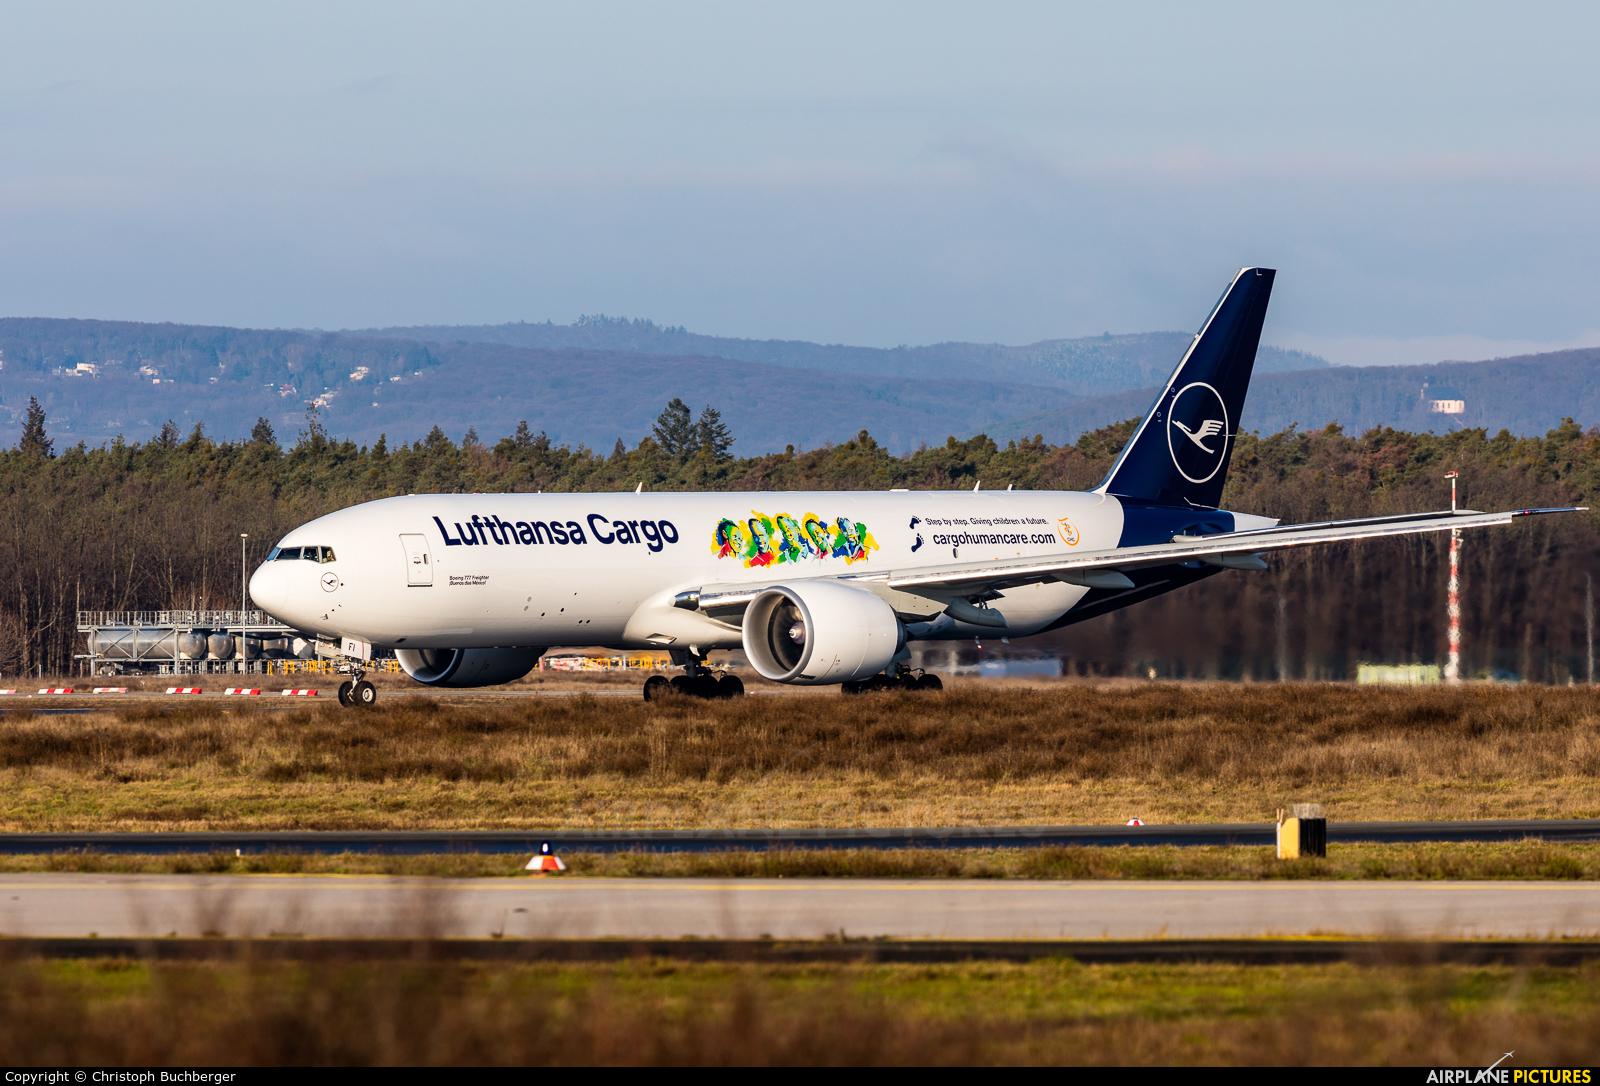 Lufthansa Cargo D-ALFI aircraft at Frankfurt